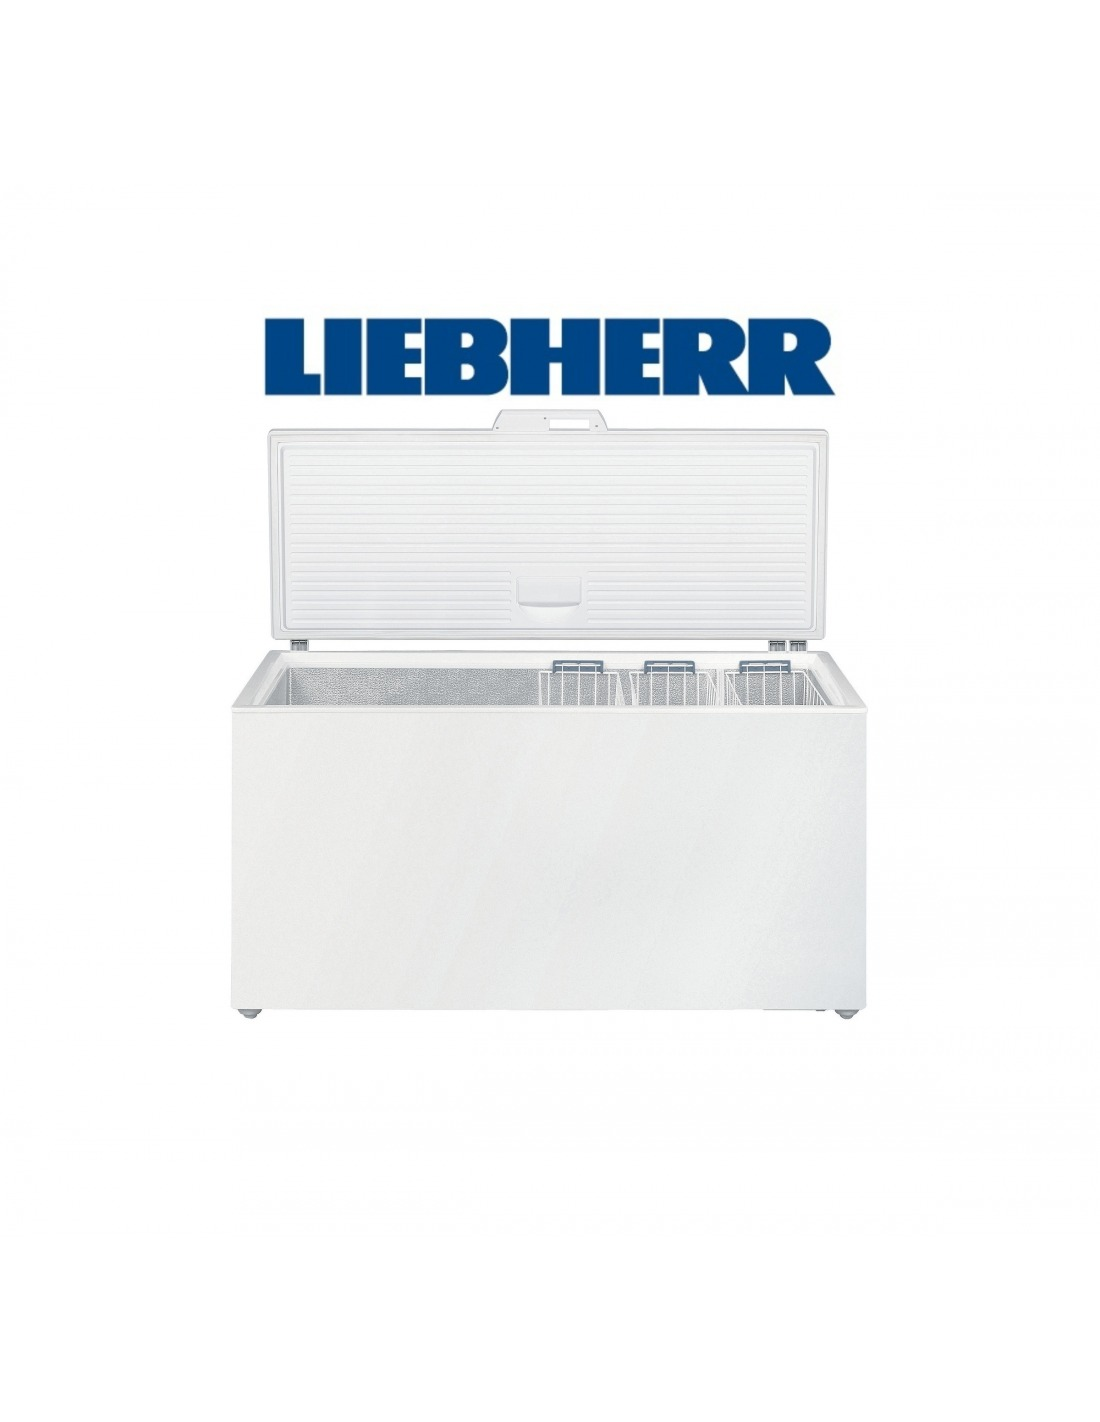 Arc n congelador liebherr - Congelador de arcon ...